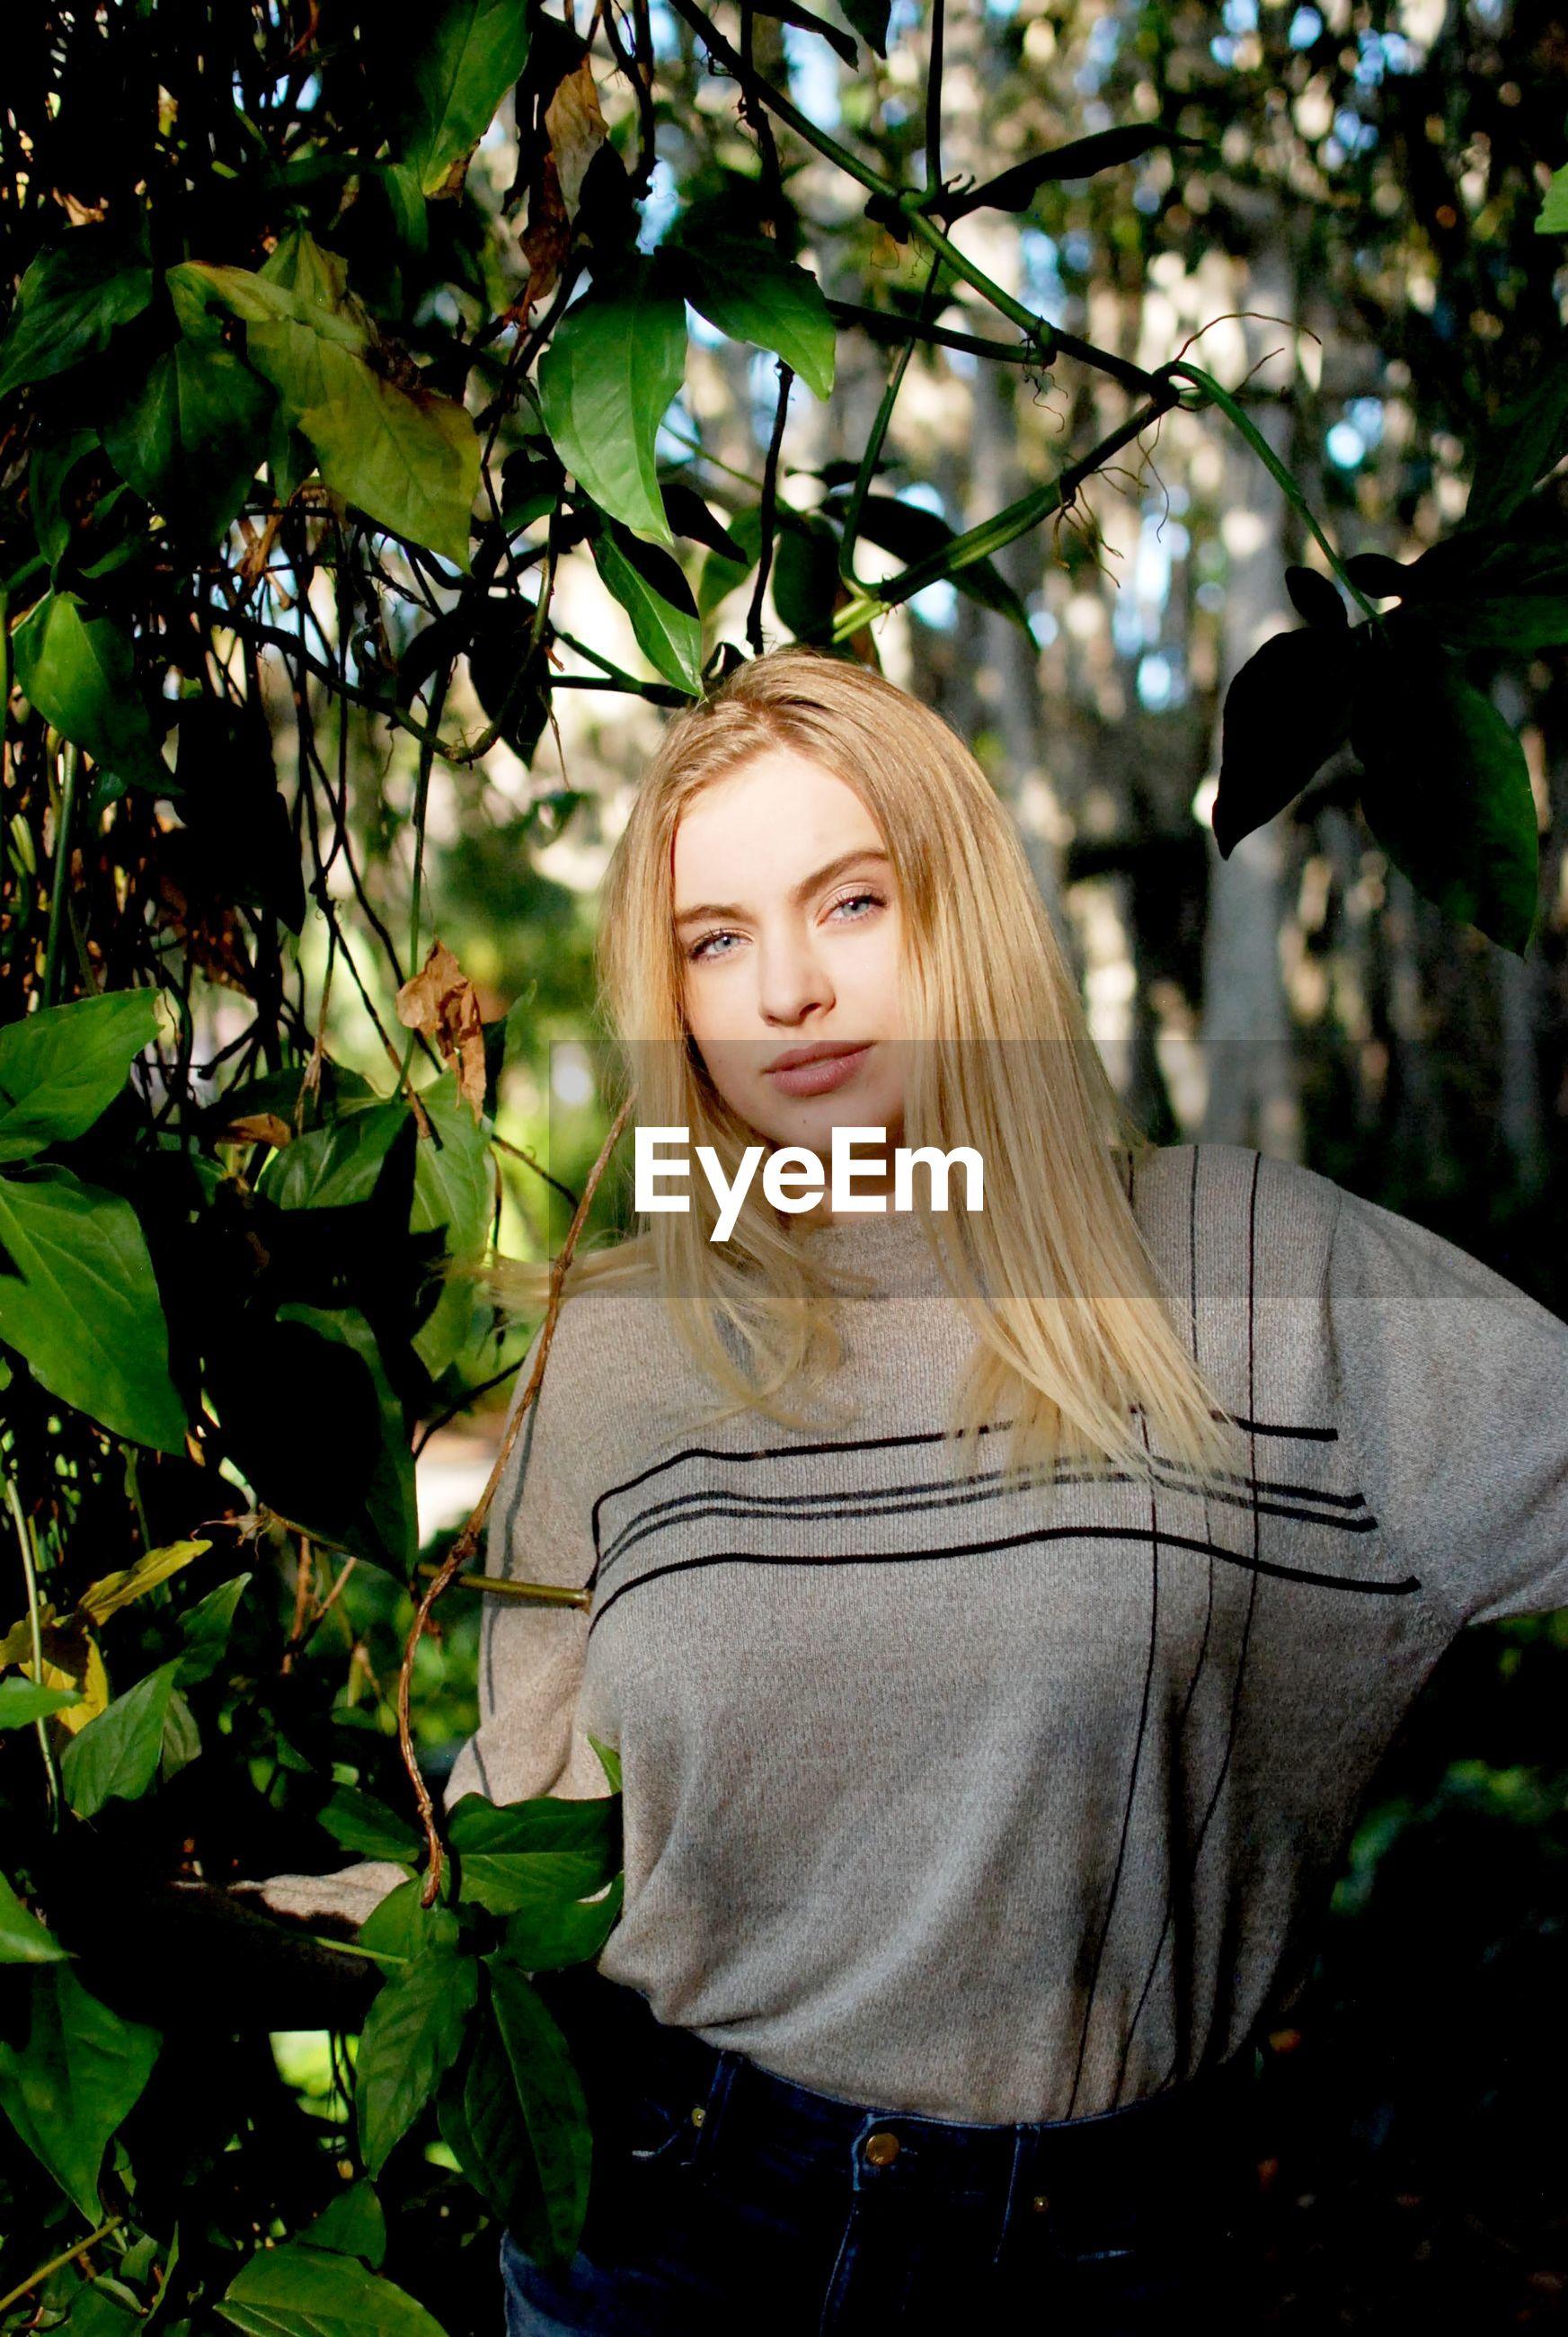 Portrait of confident young woman standing amidst plants at public park